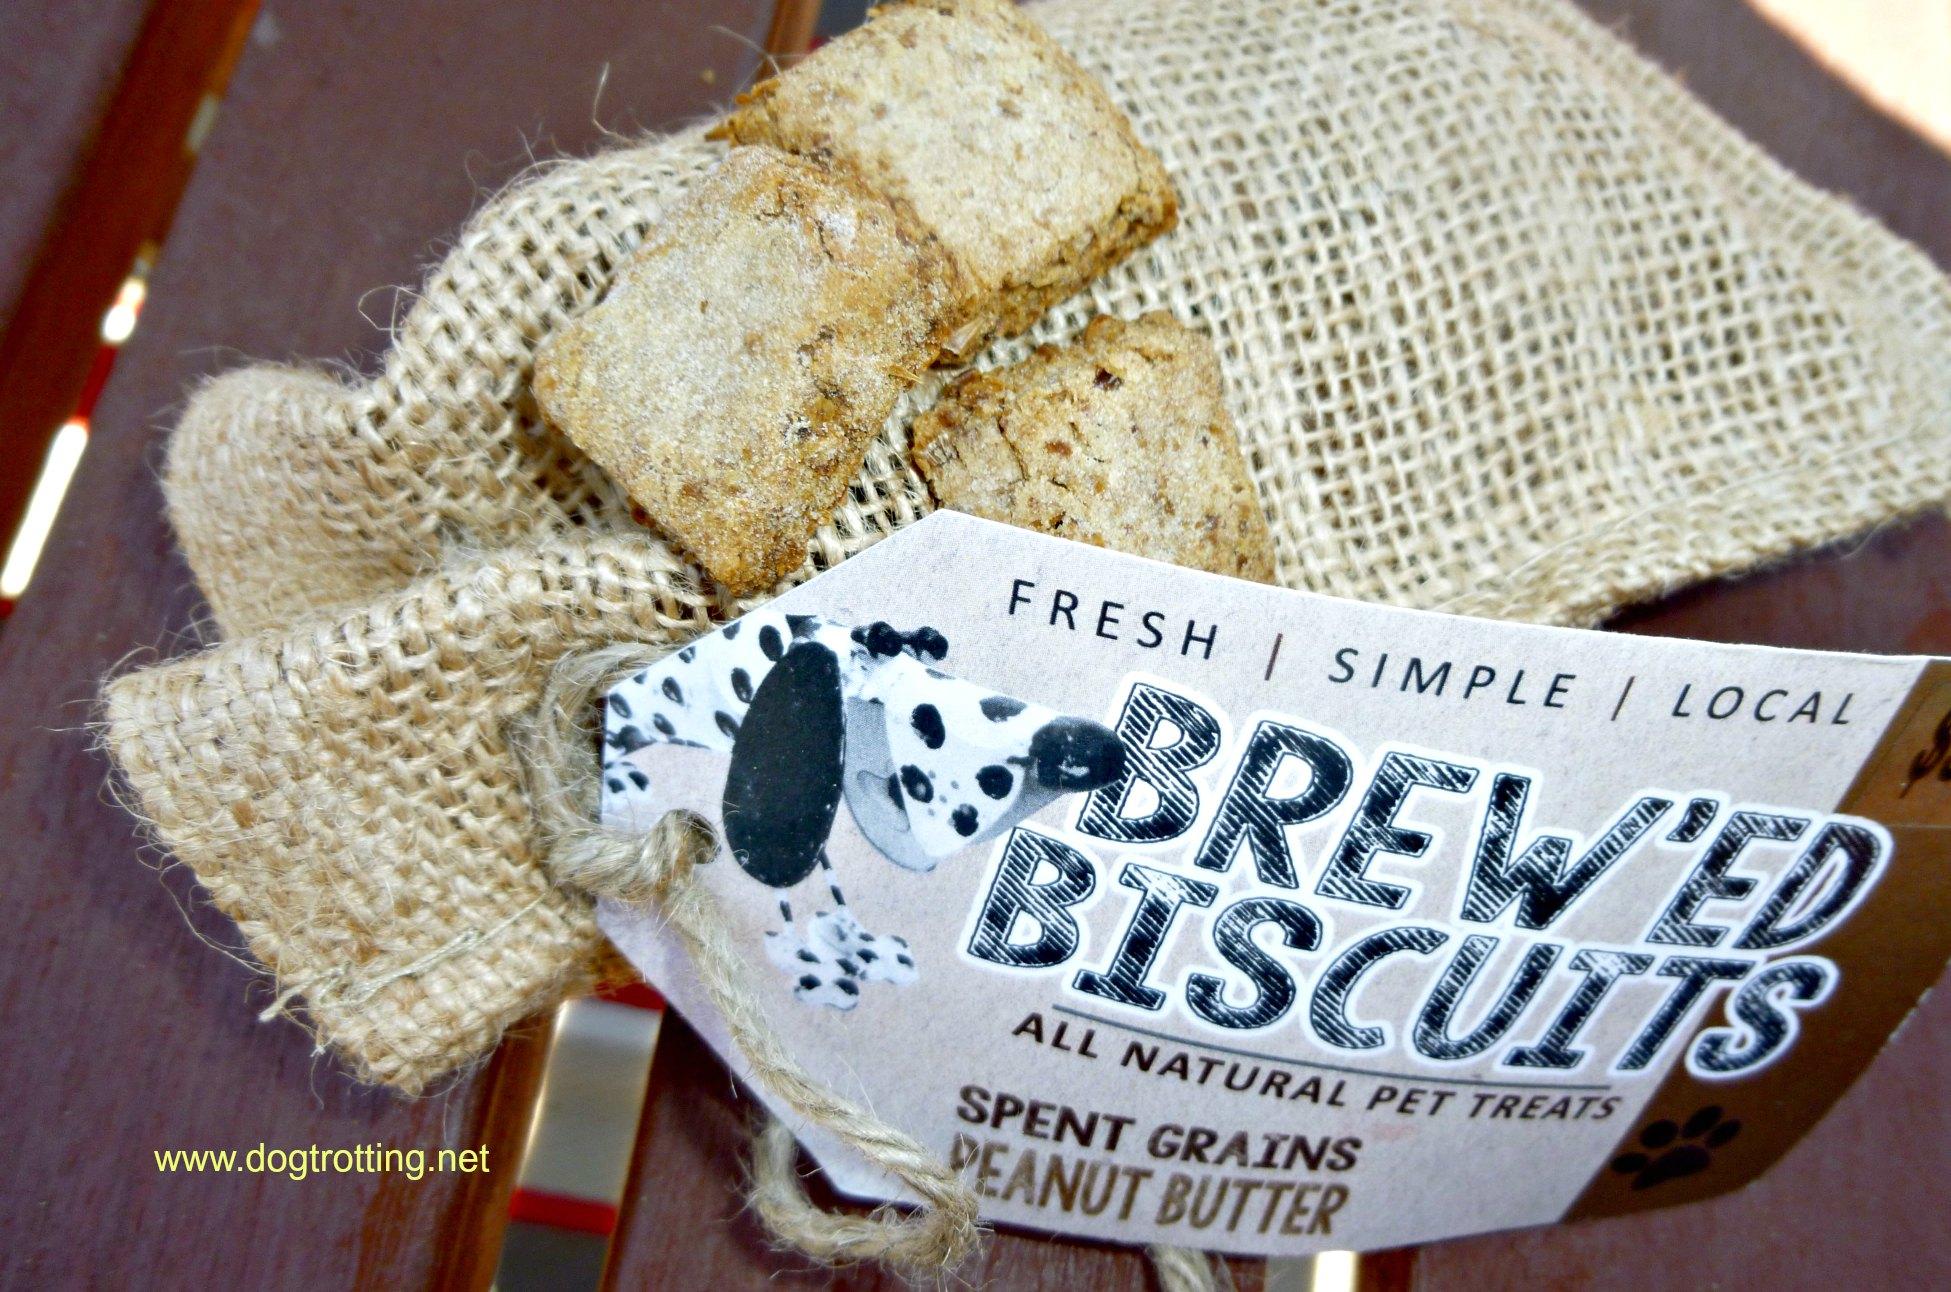 Brew'ed biscuits pet treats